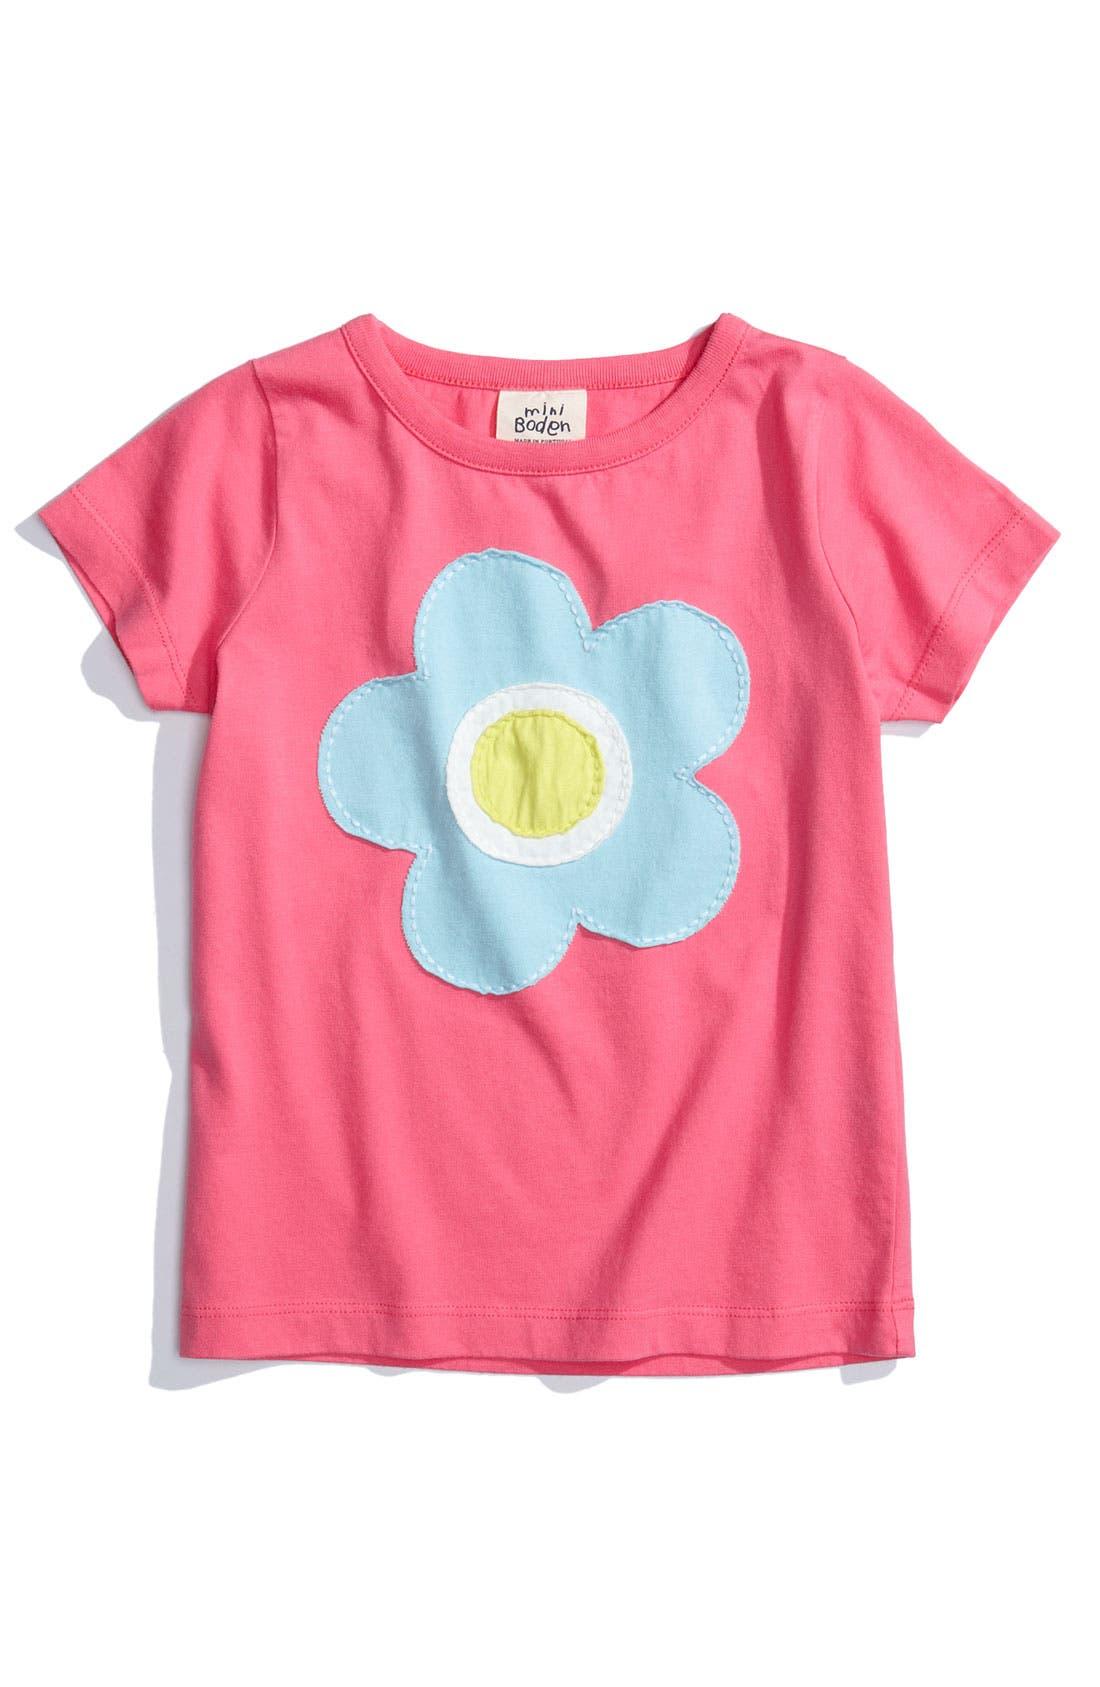 Alternate Image 1 Selected - Mini Boden 'Fun' Appliqué Tee (Toddler)